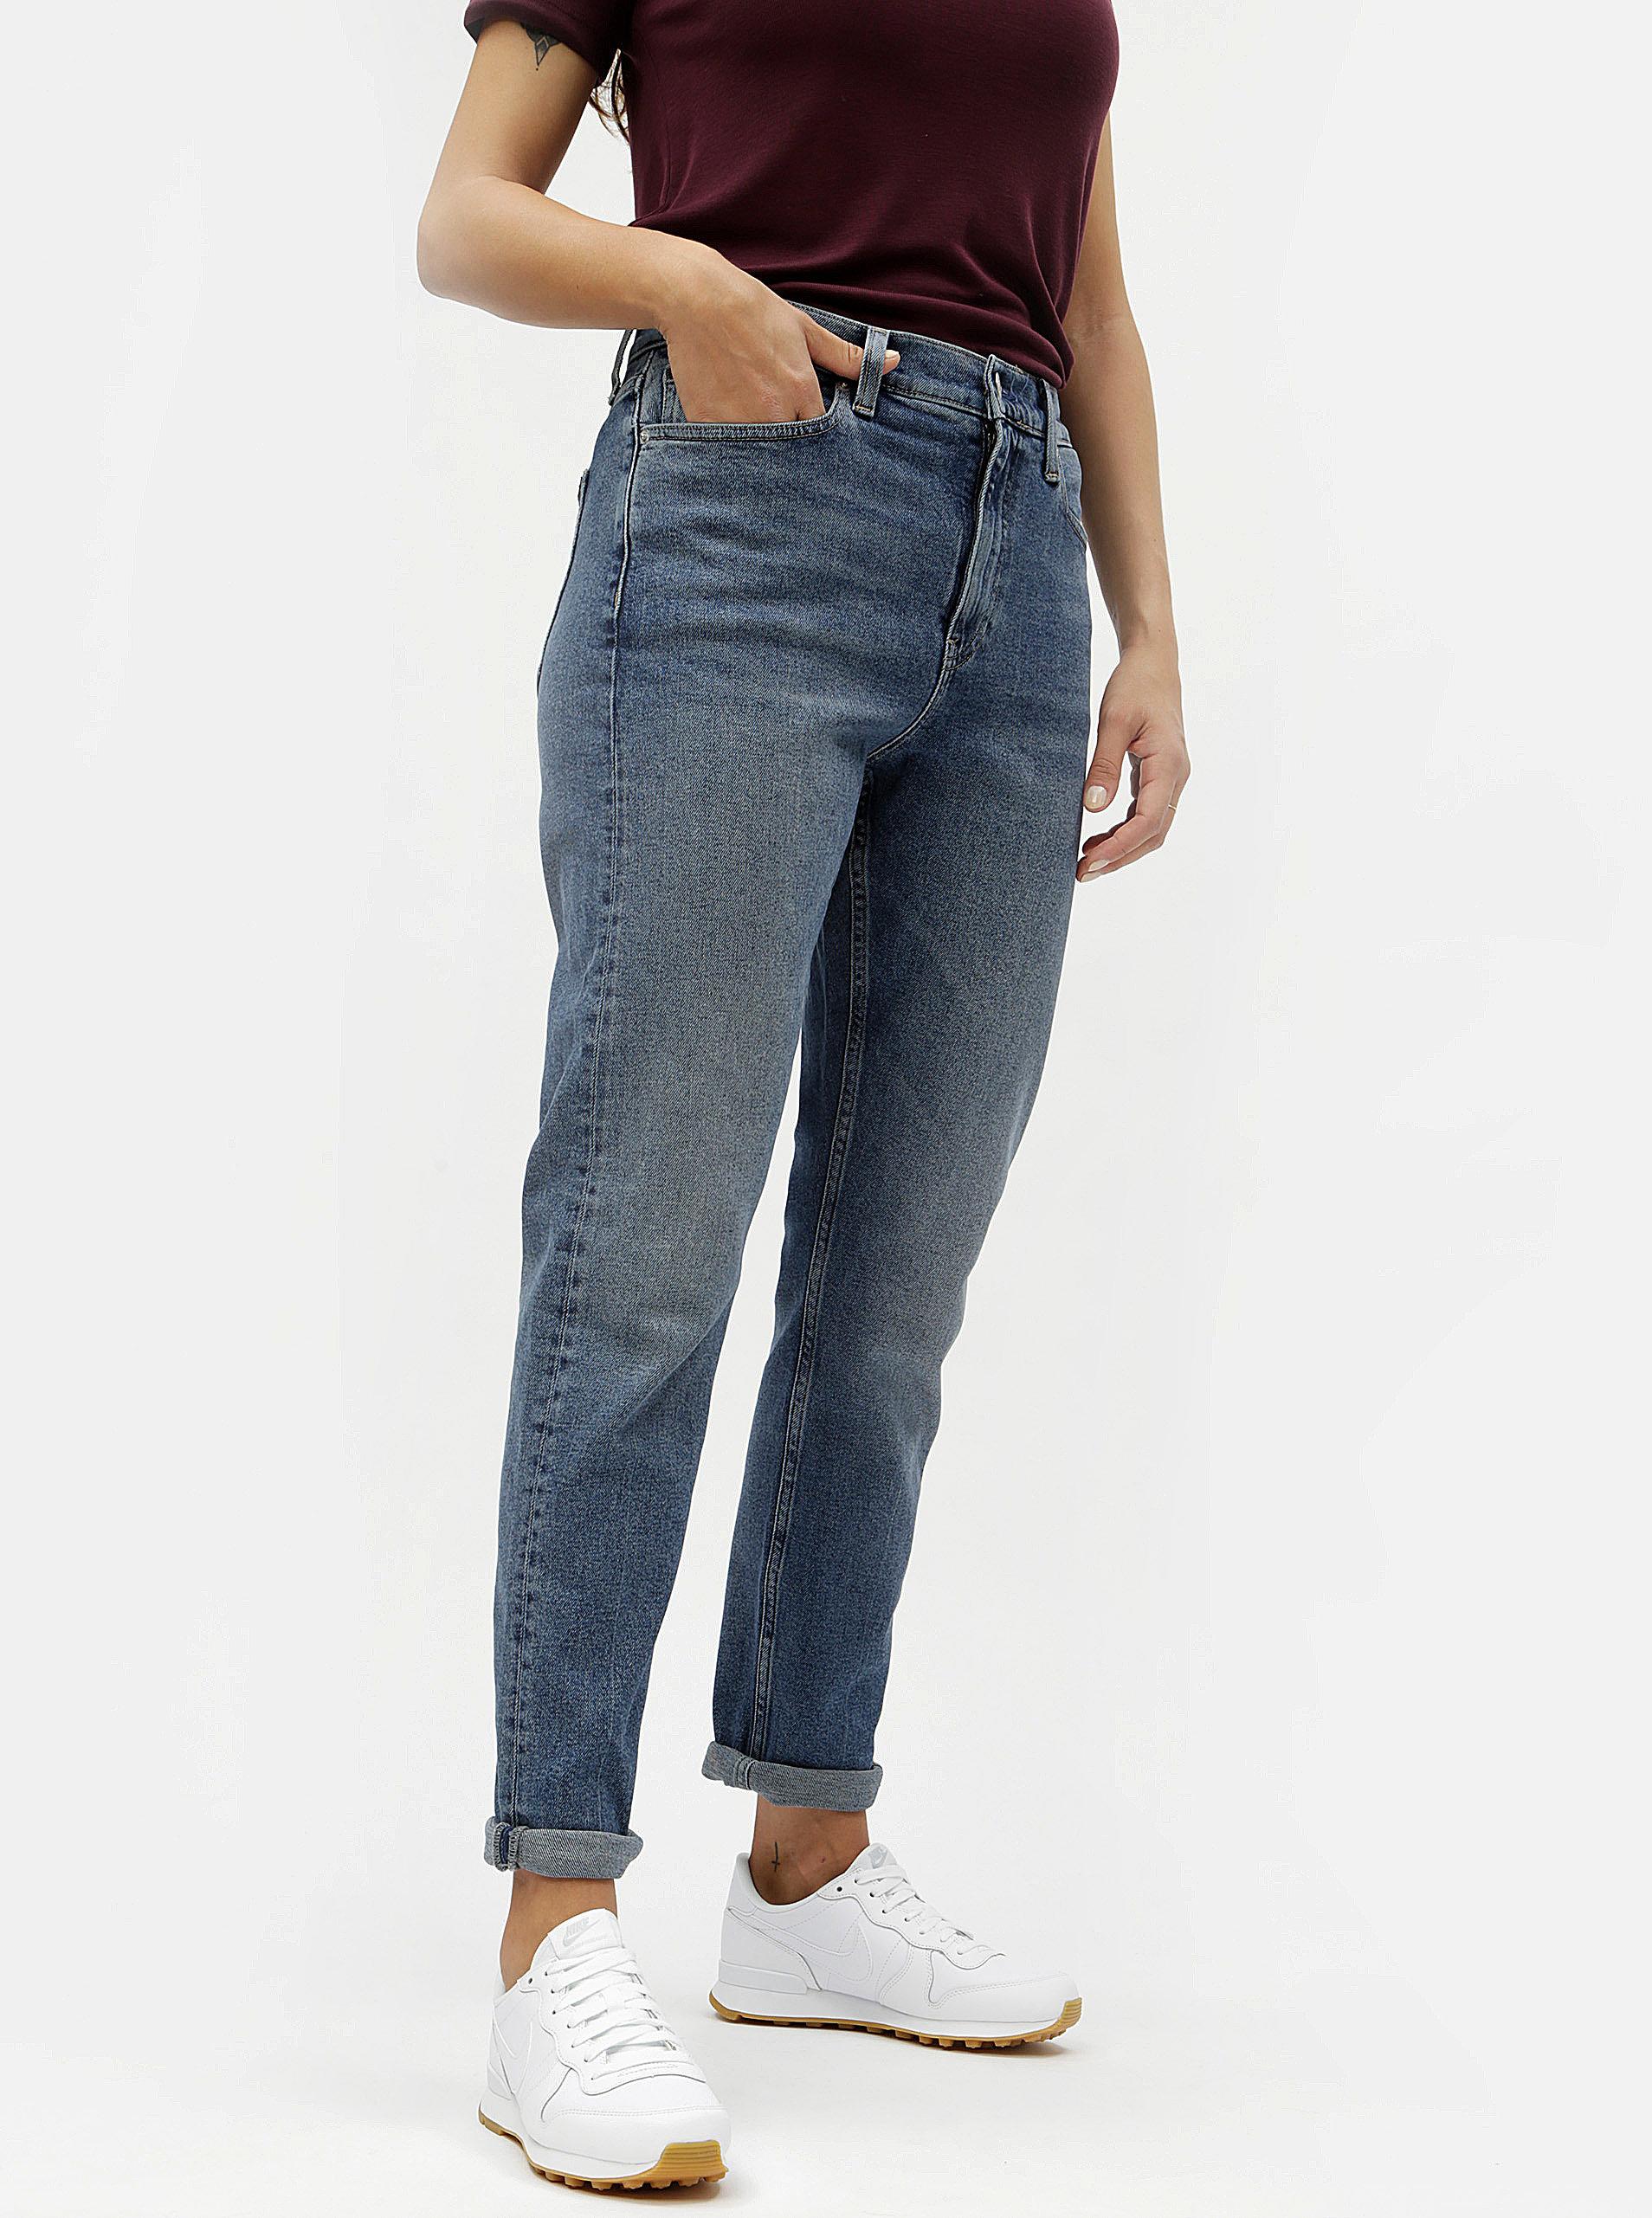 a977d24f6b6 Modré dámské skinny džíny s vysokým pasem Calvin Klein Jeans ...